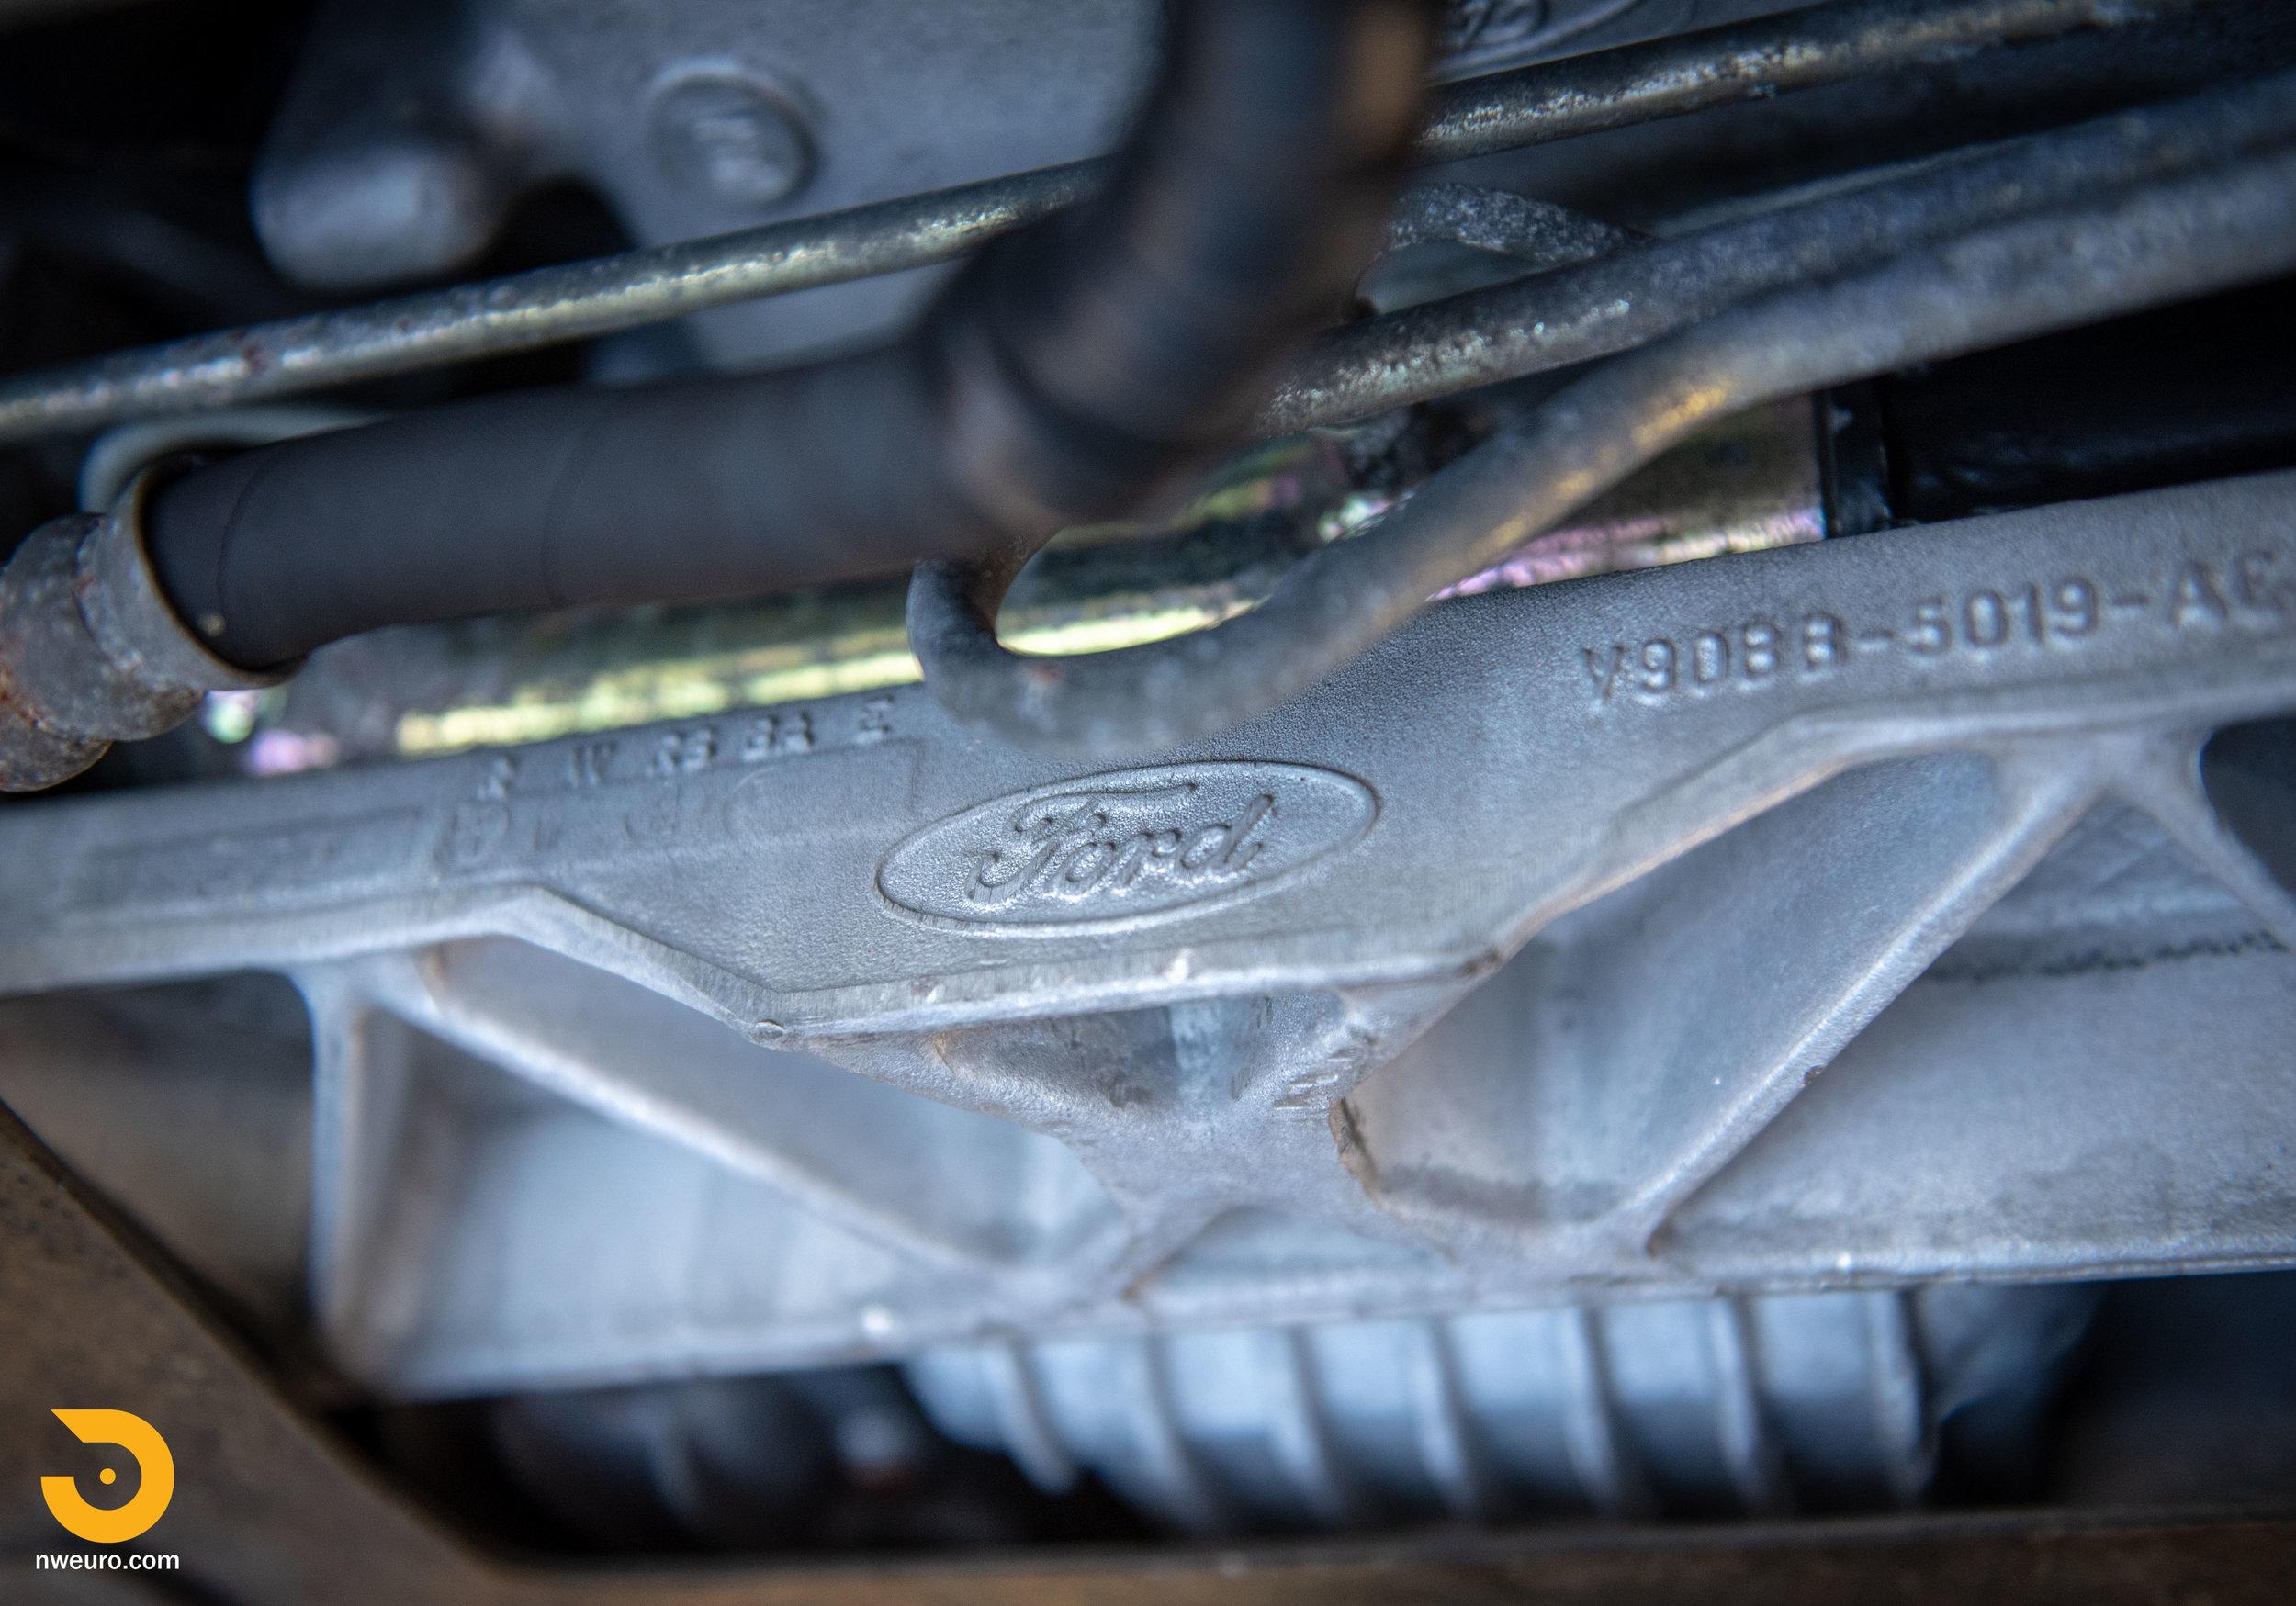 1995 Ford Escort Cosworth - Petrol Blue-89.jpg